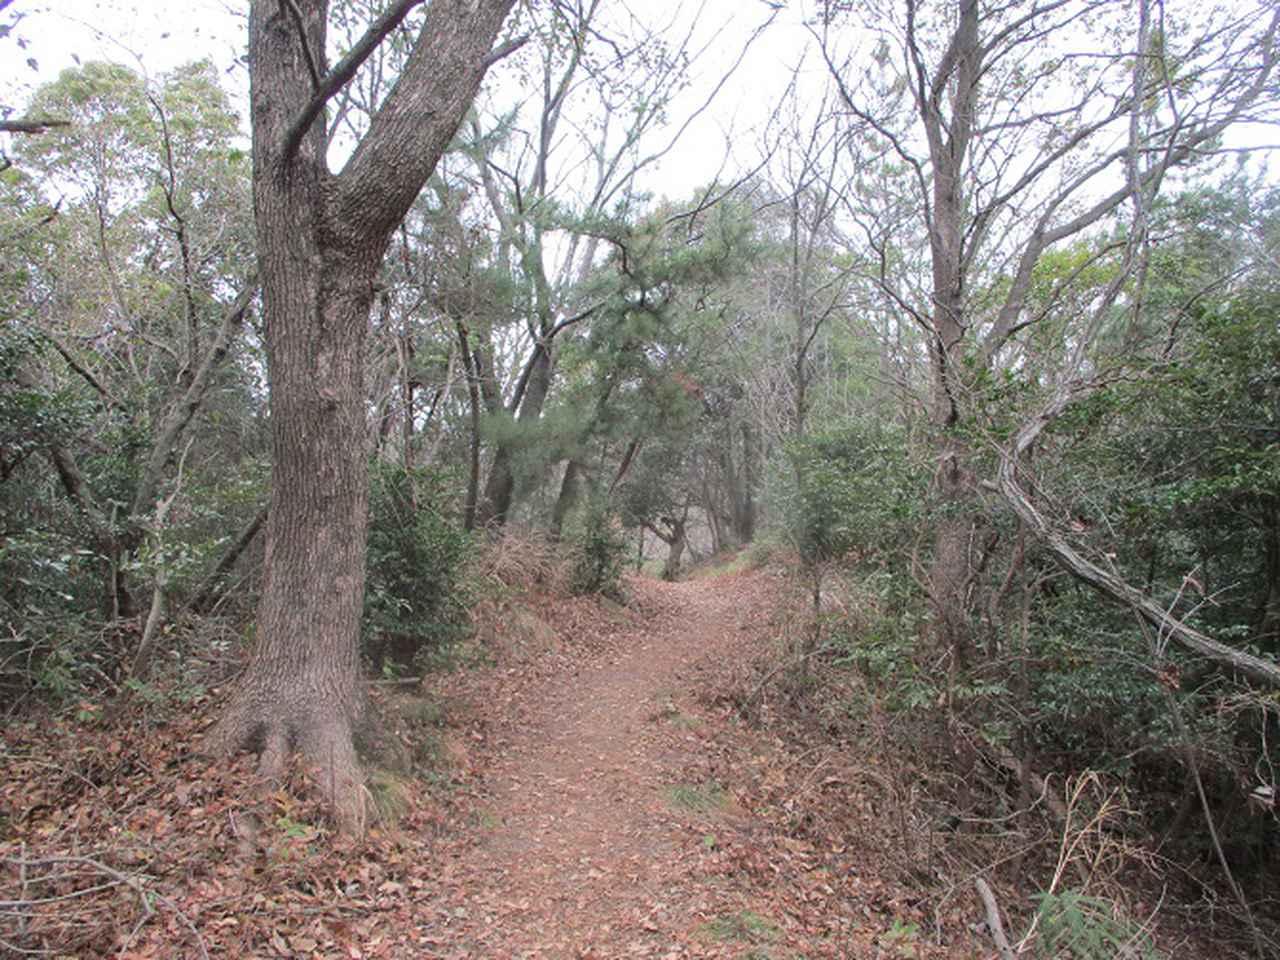 画像6: 来年冬の企画素材を探して、我が故郷・広島県の山を歩いてみました